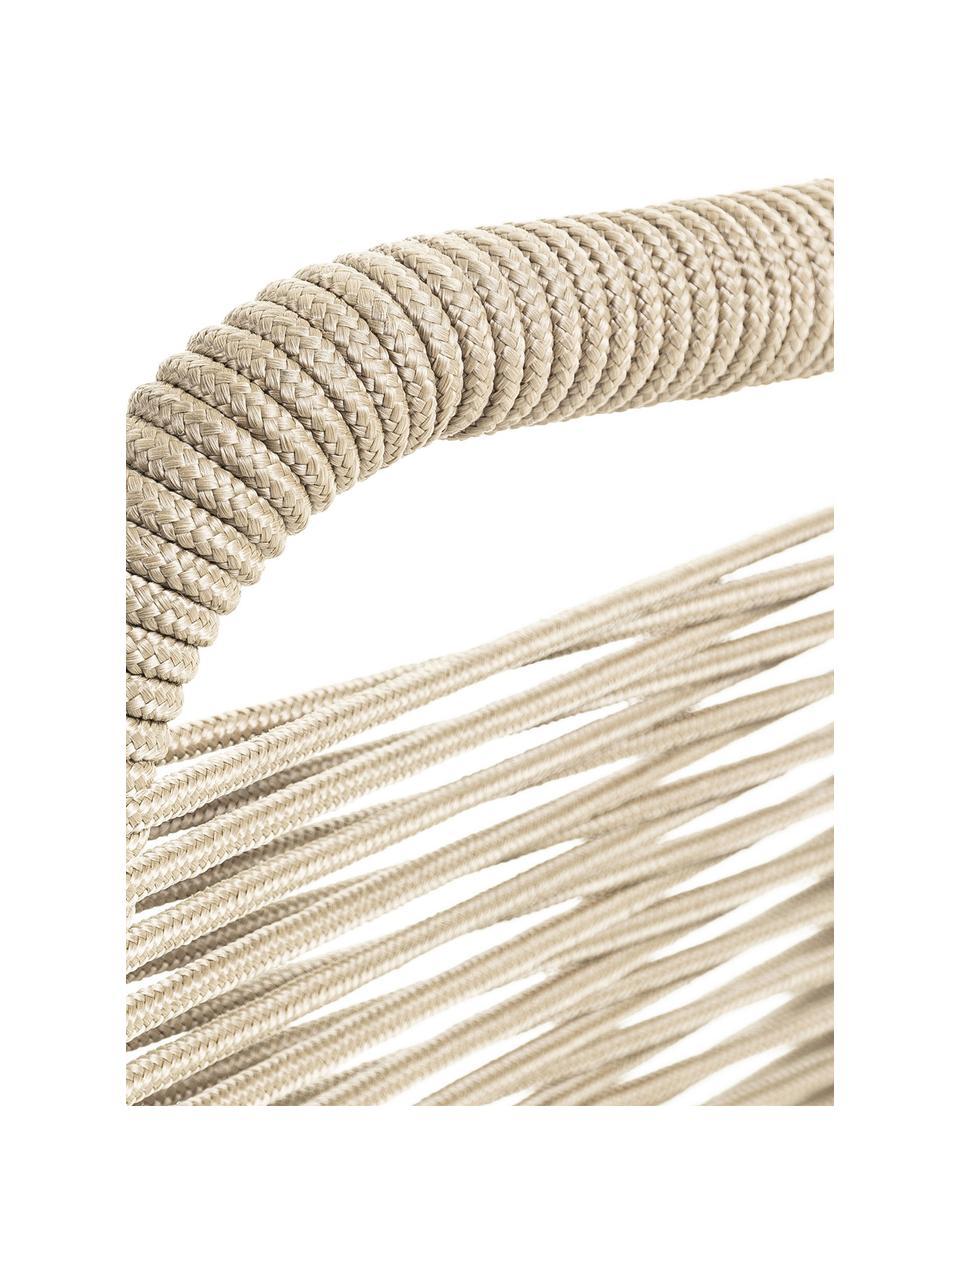 Stoelen Lambton, 2 stuks, Zitvlak: polyethyleen vlechtwerk, Frame: gepoedercoat metaal, Zwart, lichtbruin, B 49 x D 59 cm